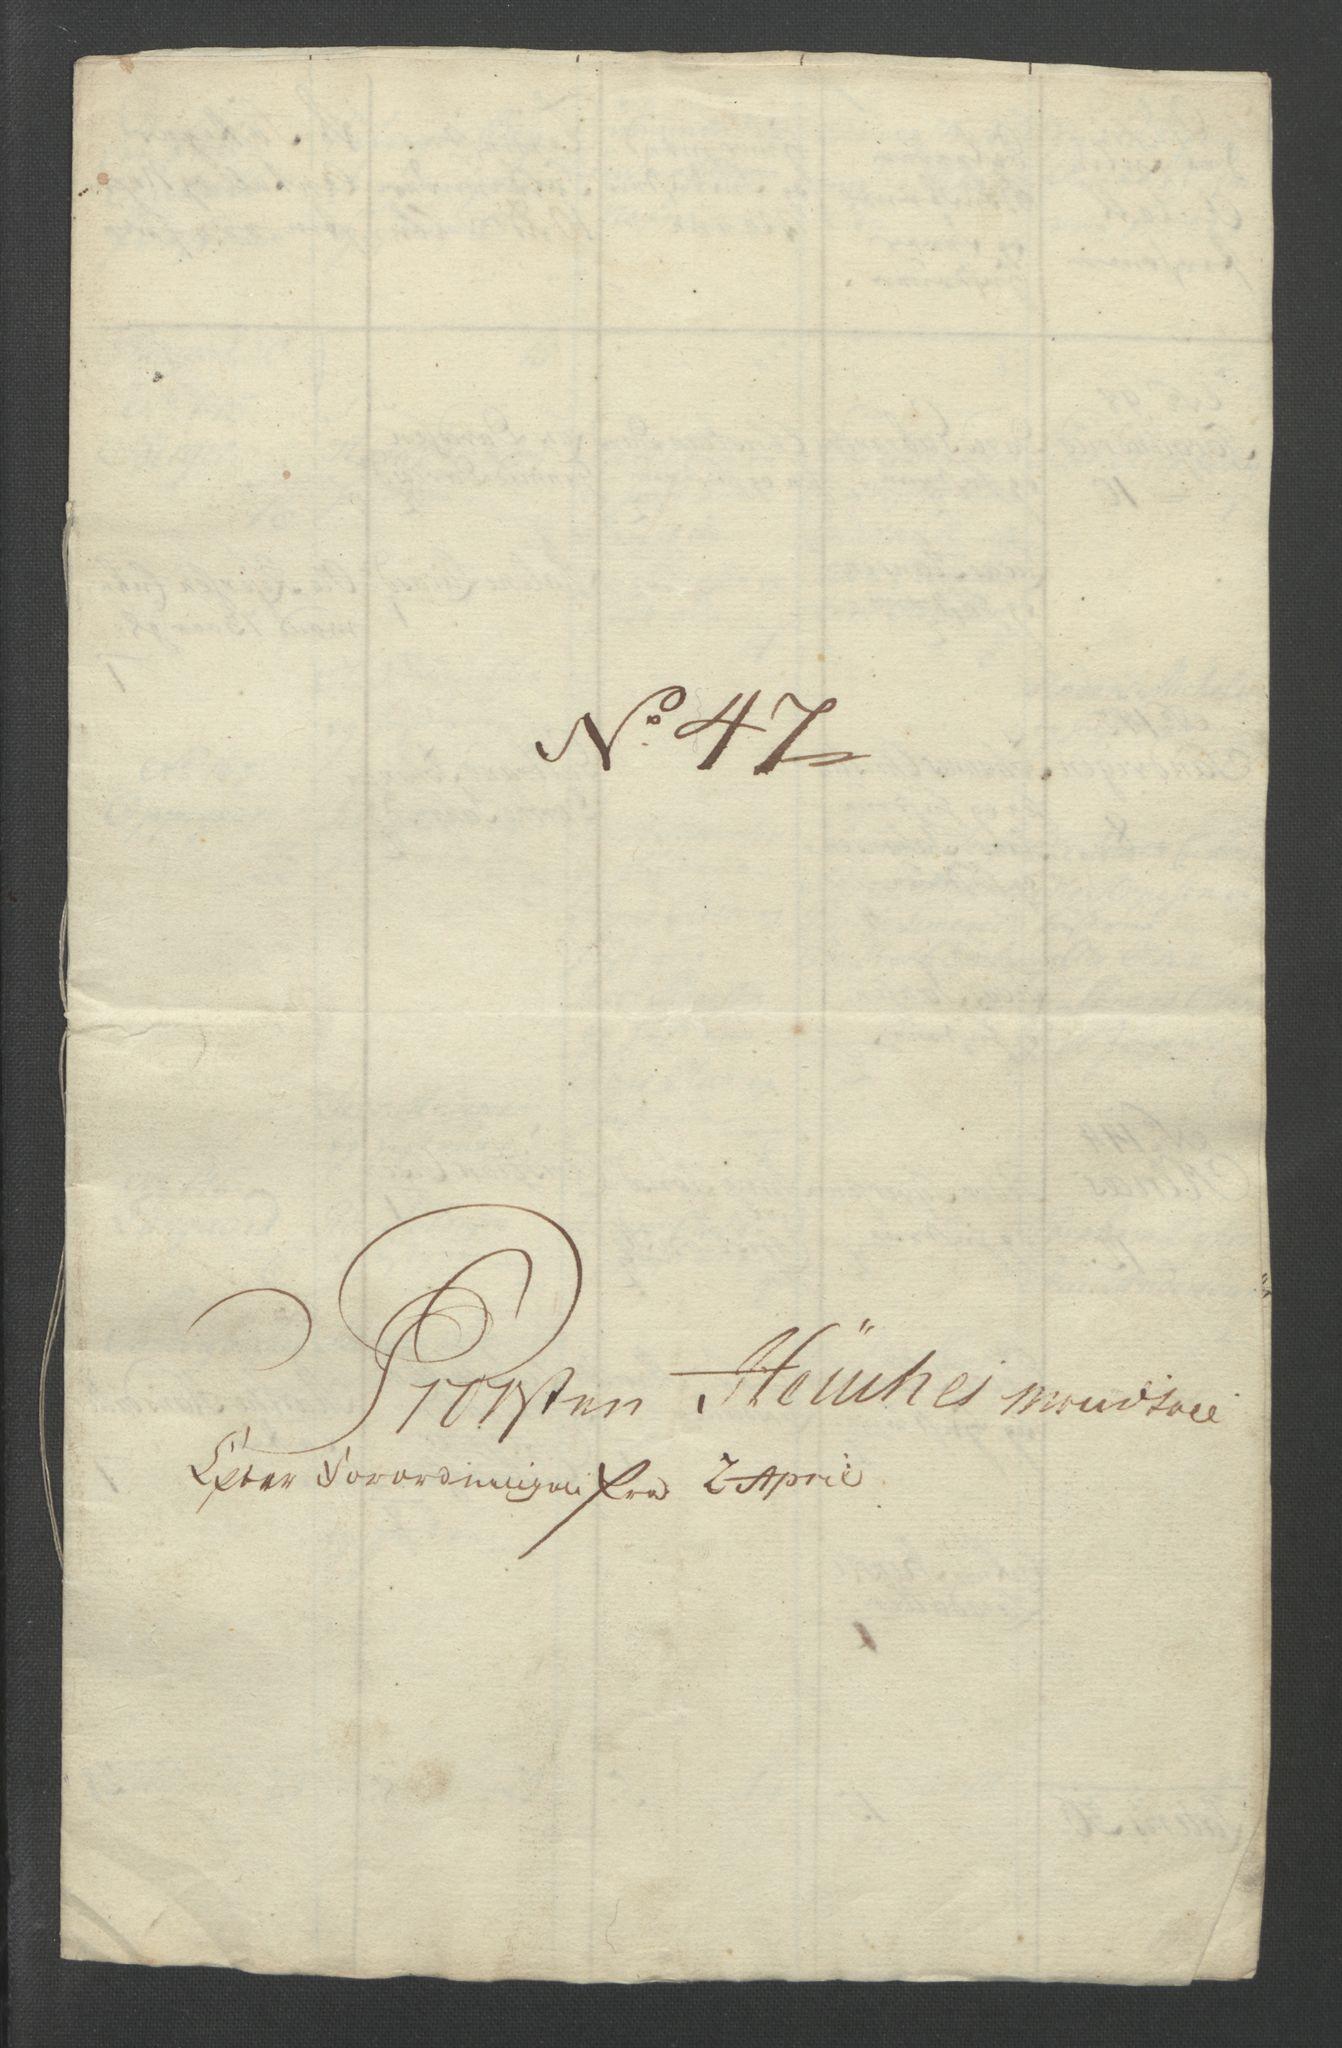 RA, Rentekammeret inntil 1814, Reviderte regnskaper, Fogderegnskap, R12/L0804: Ekstraskatten Øvre Romerike, 1764, s. 238